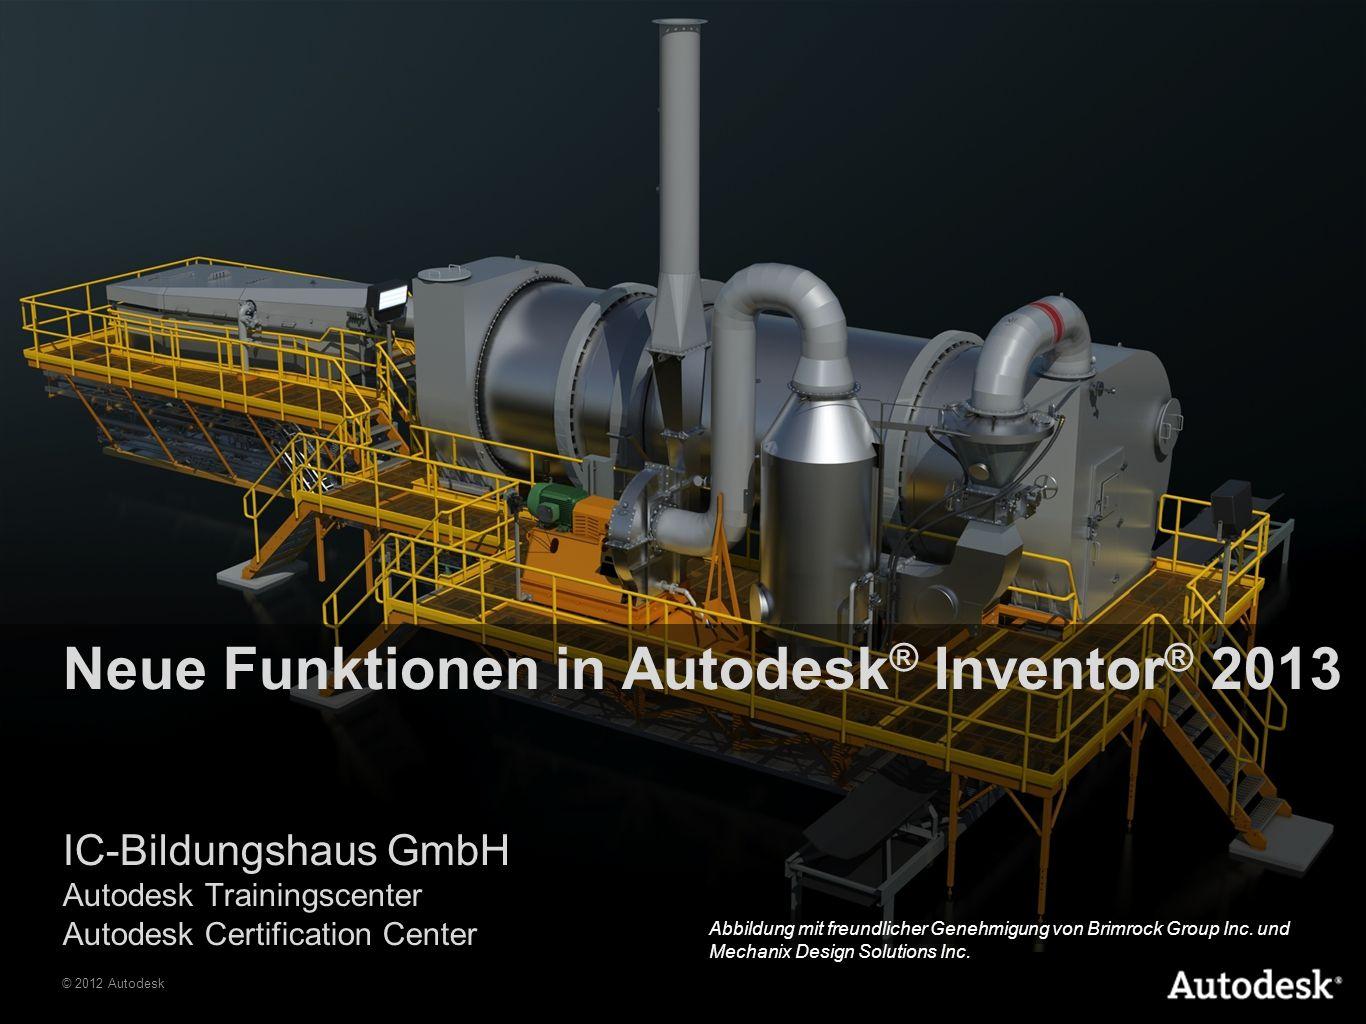 Neue Funktionen in Autodesk® Inventor® 2013